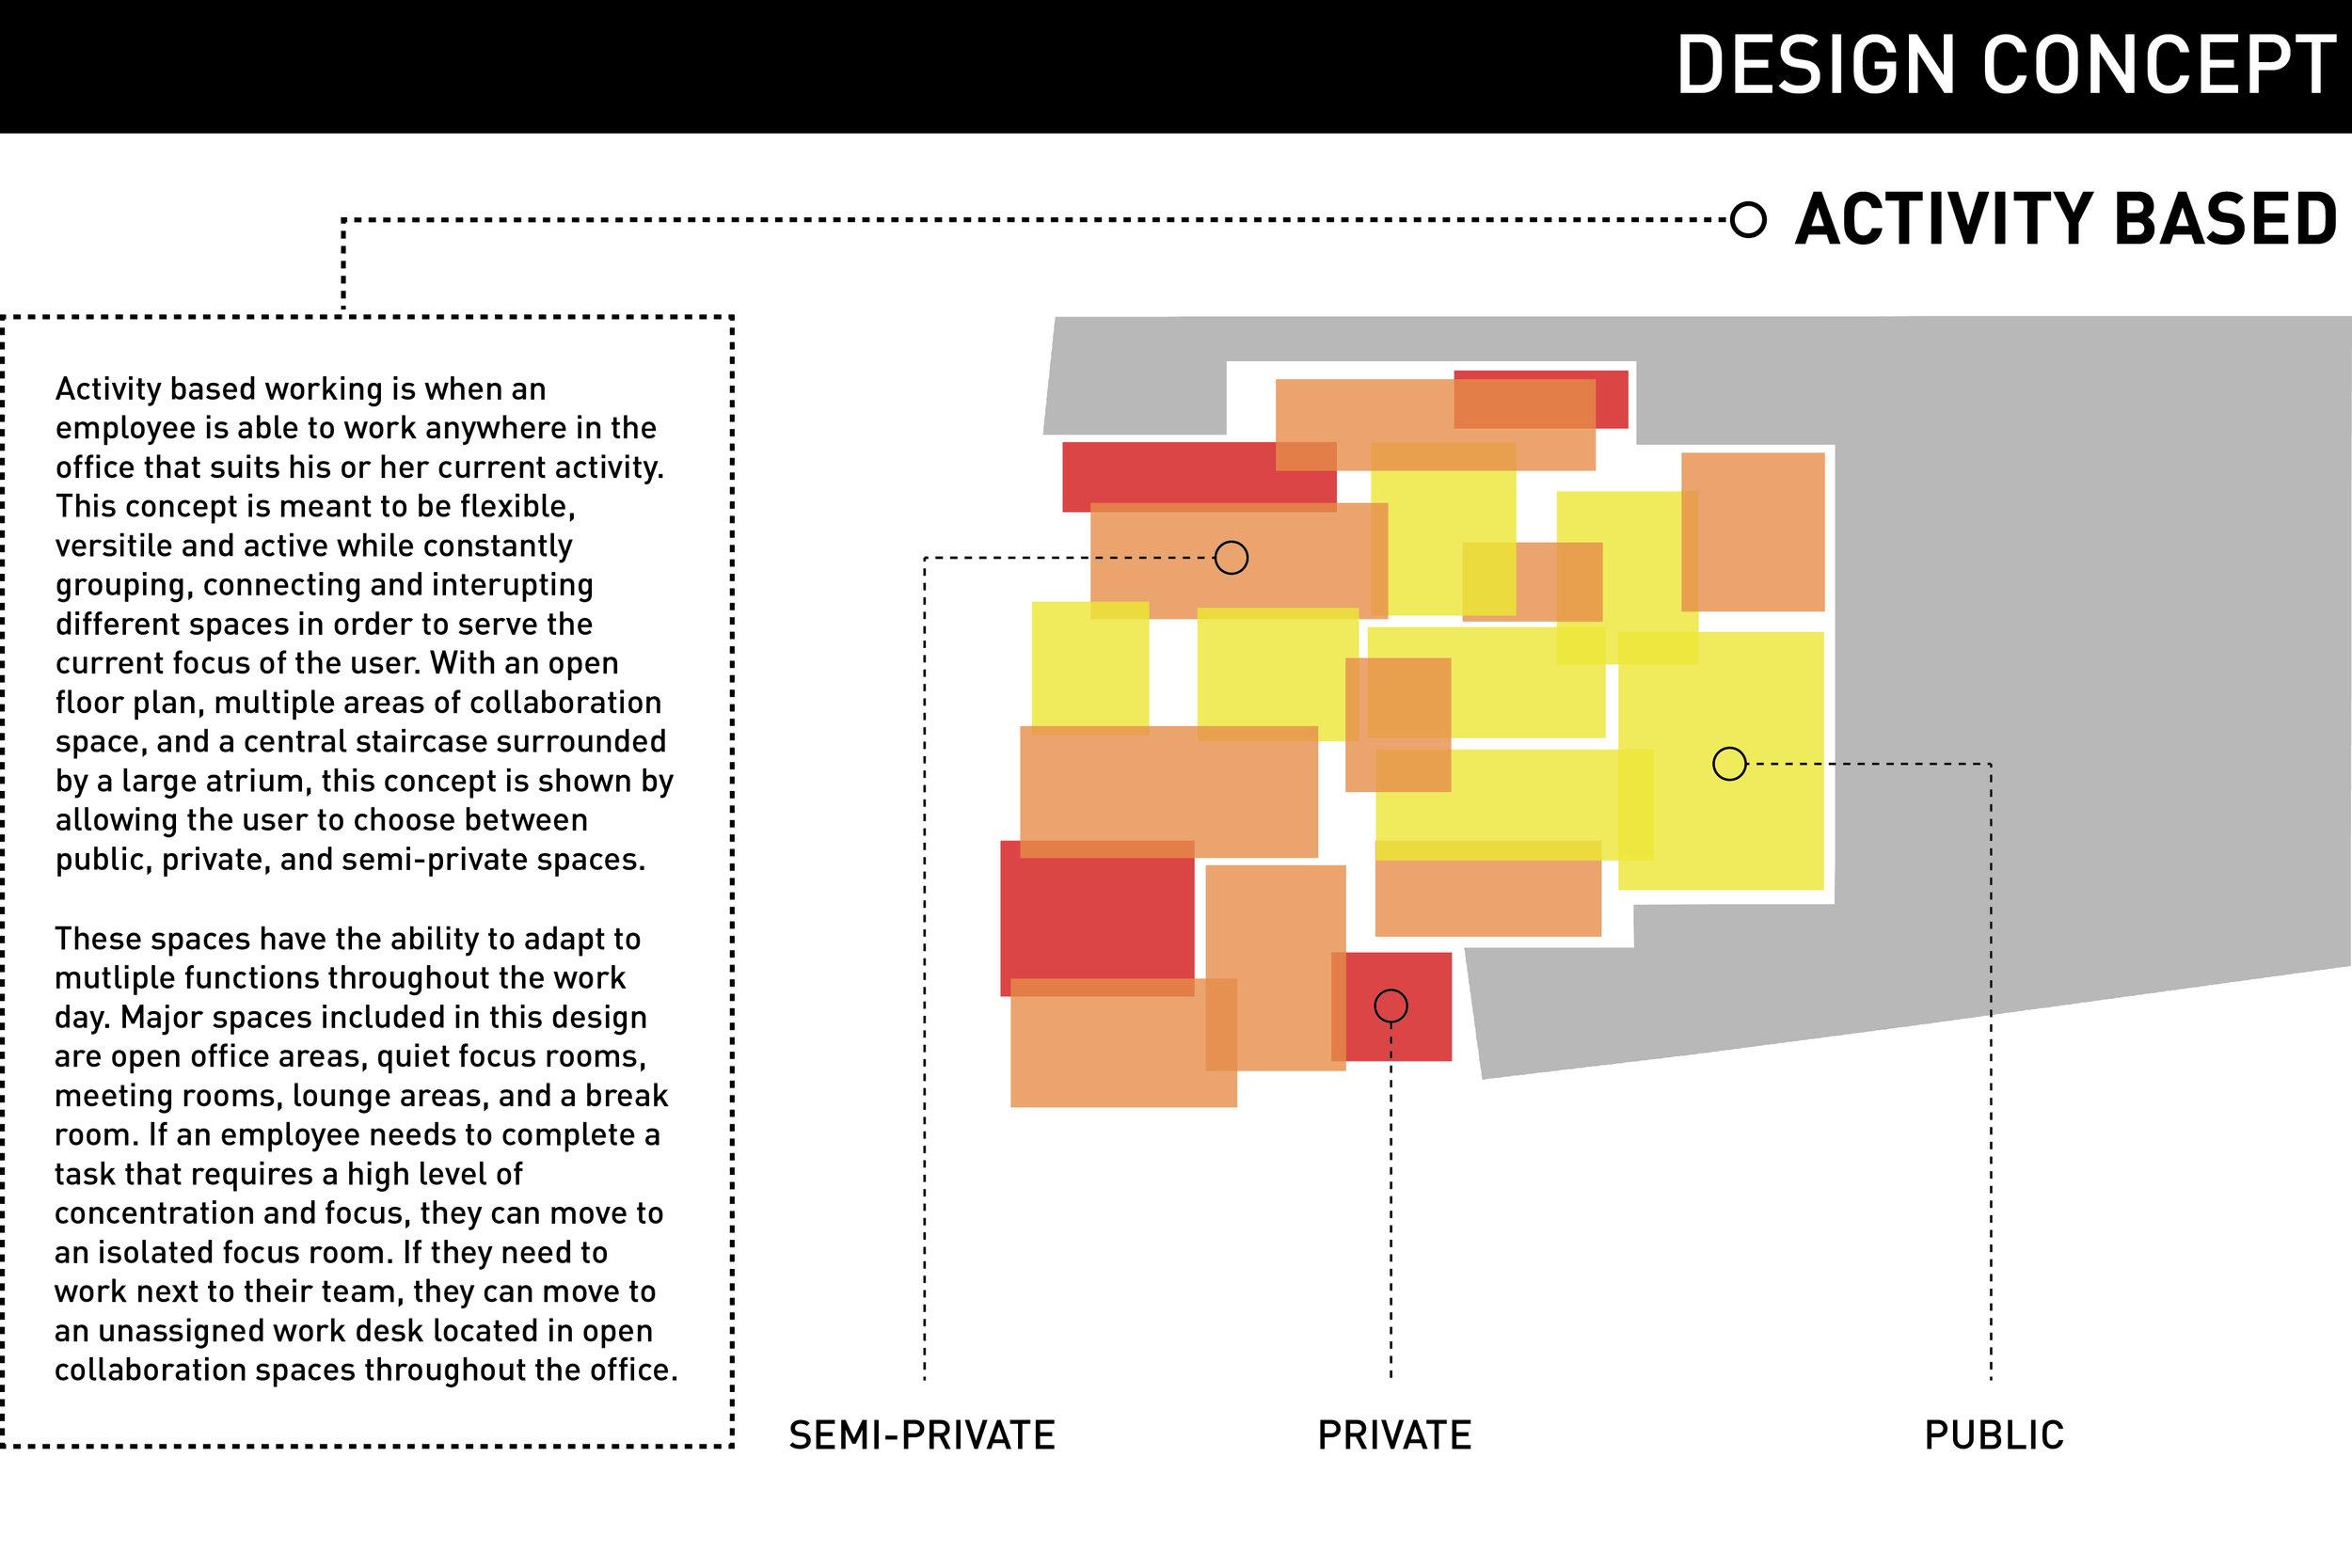 Design Concept